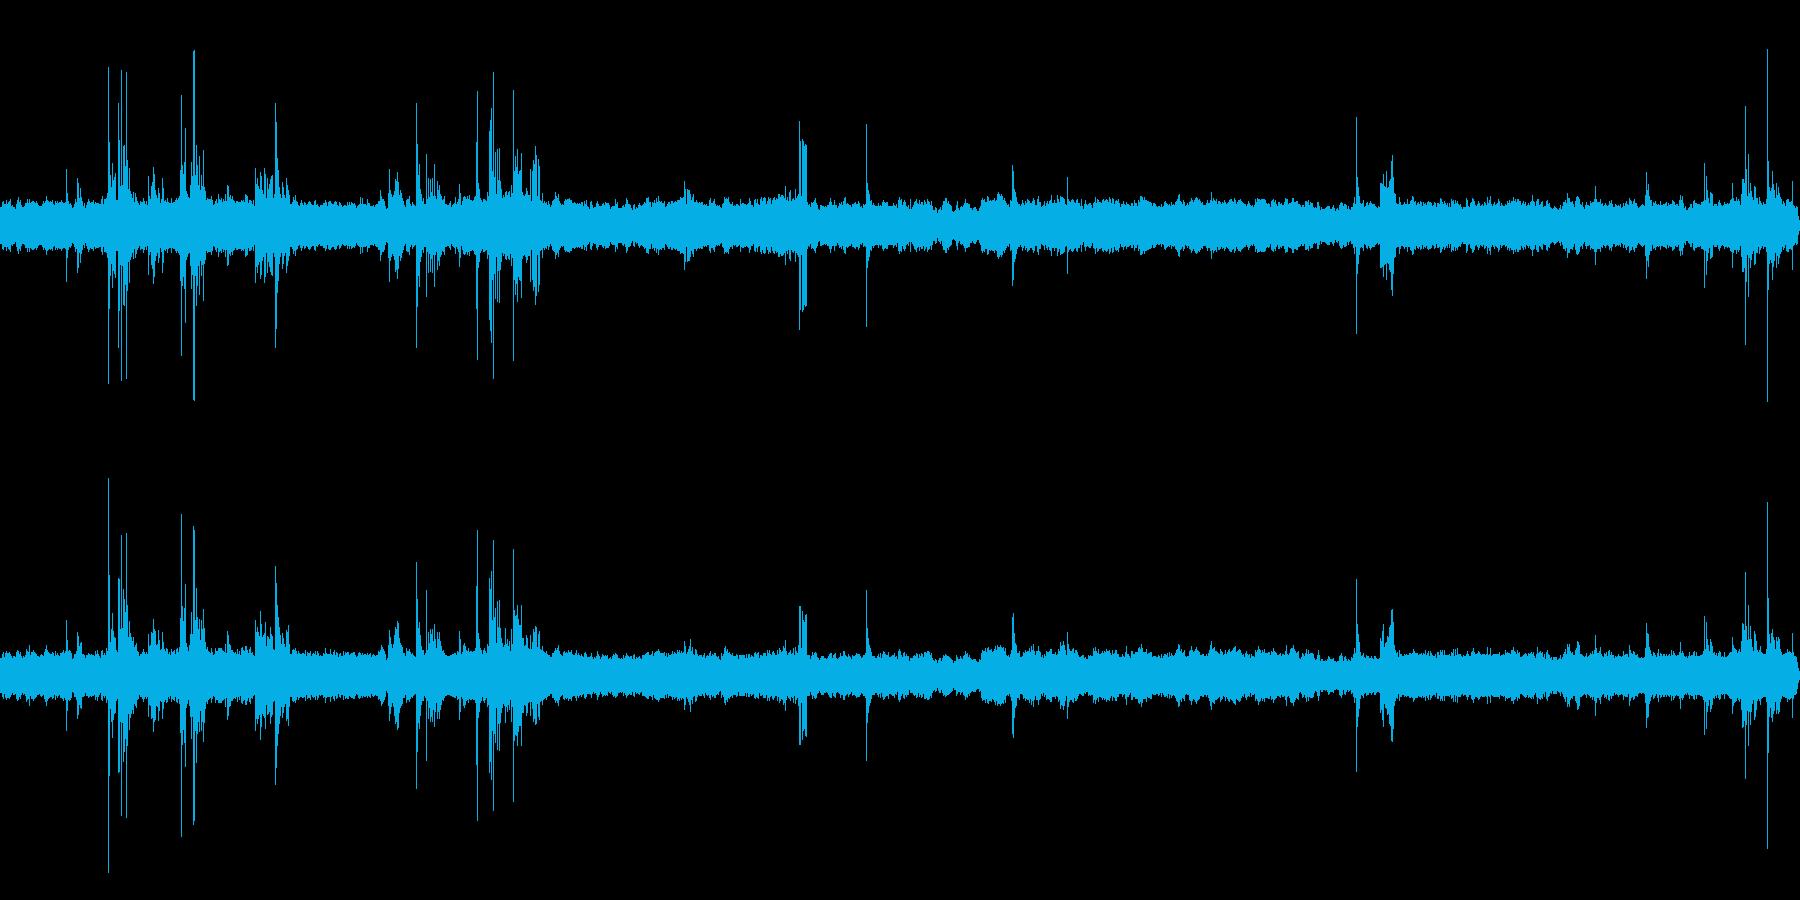 深夜の風鈴と虫の音 02の再生済みの波形